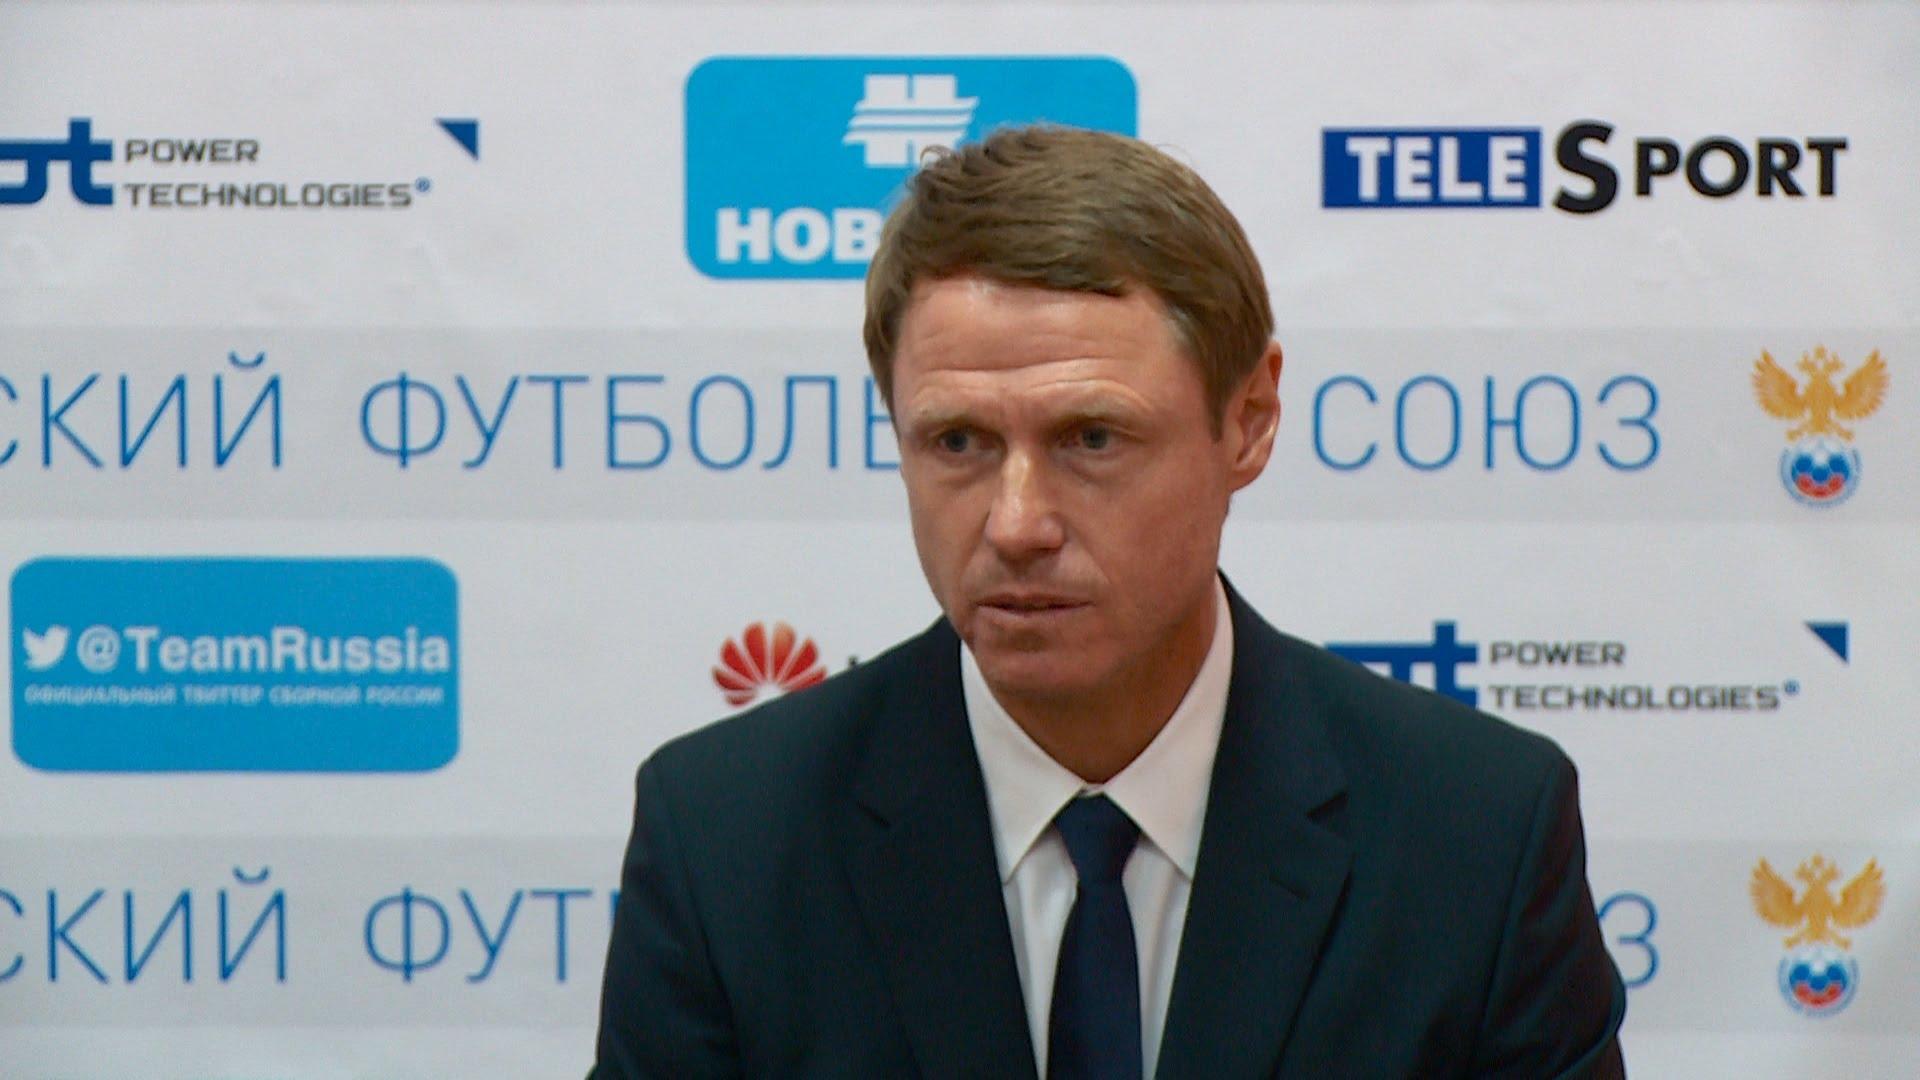 Послематчевая пресс-конференция с участием Олега Кононова и Игоря Чугайнова